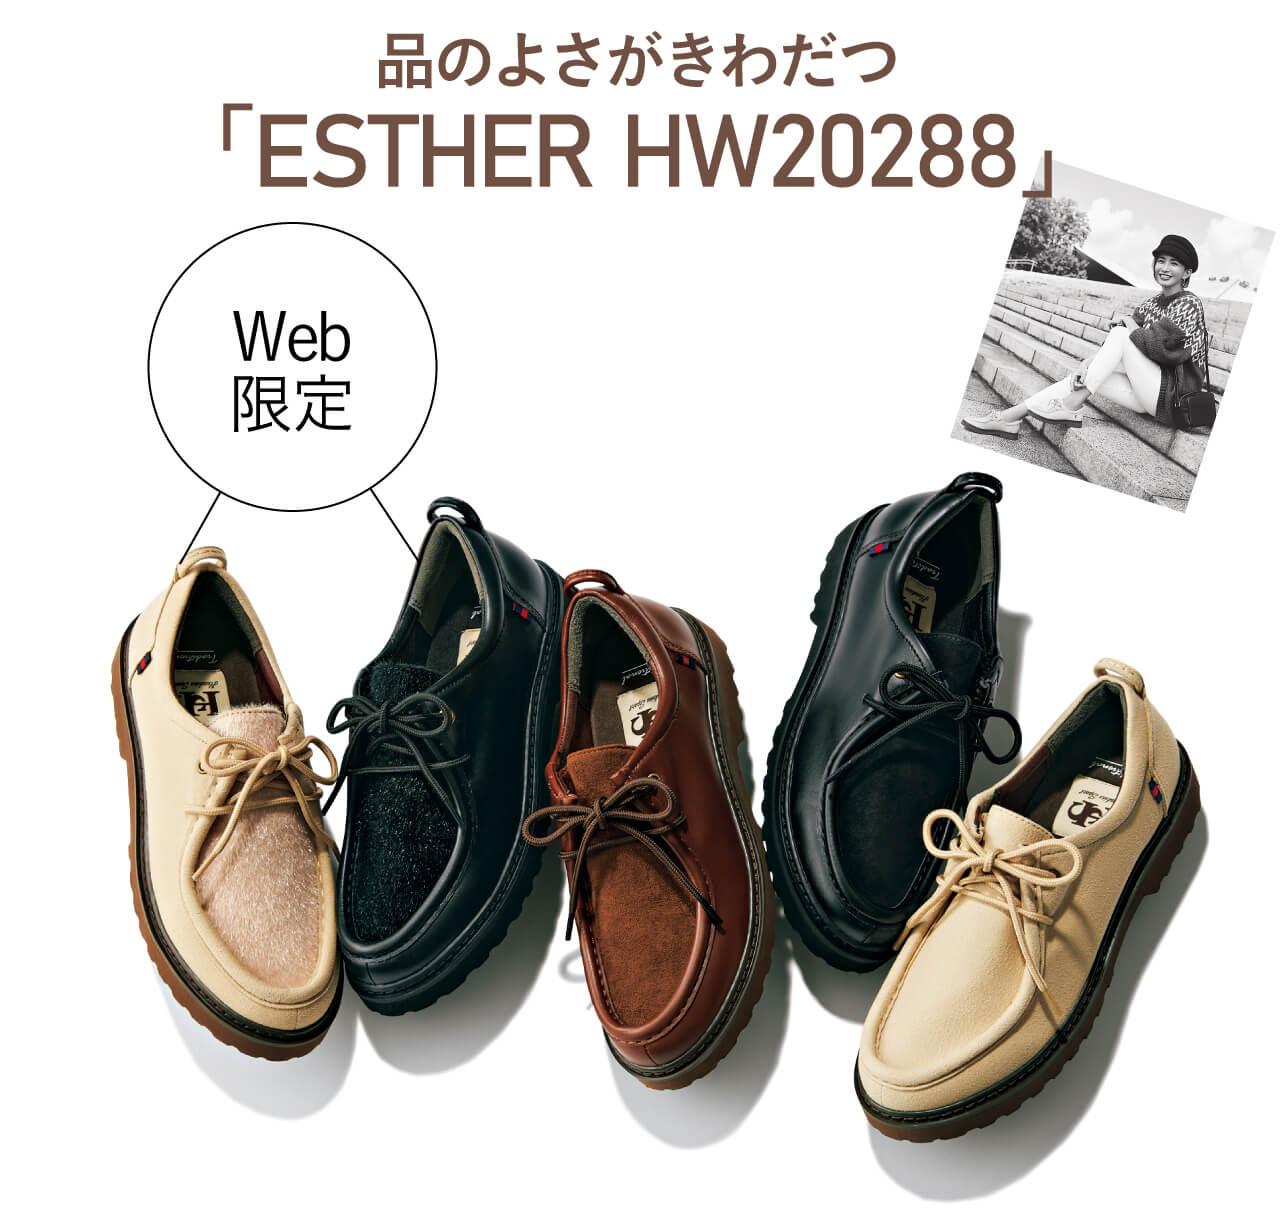 品のよさがきわだつESTHER-HW20288